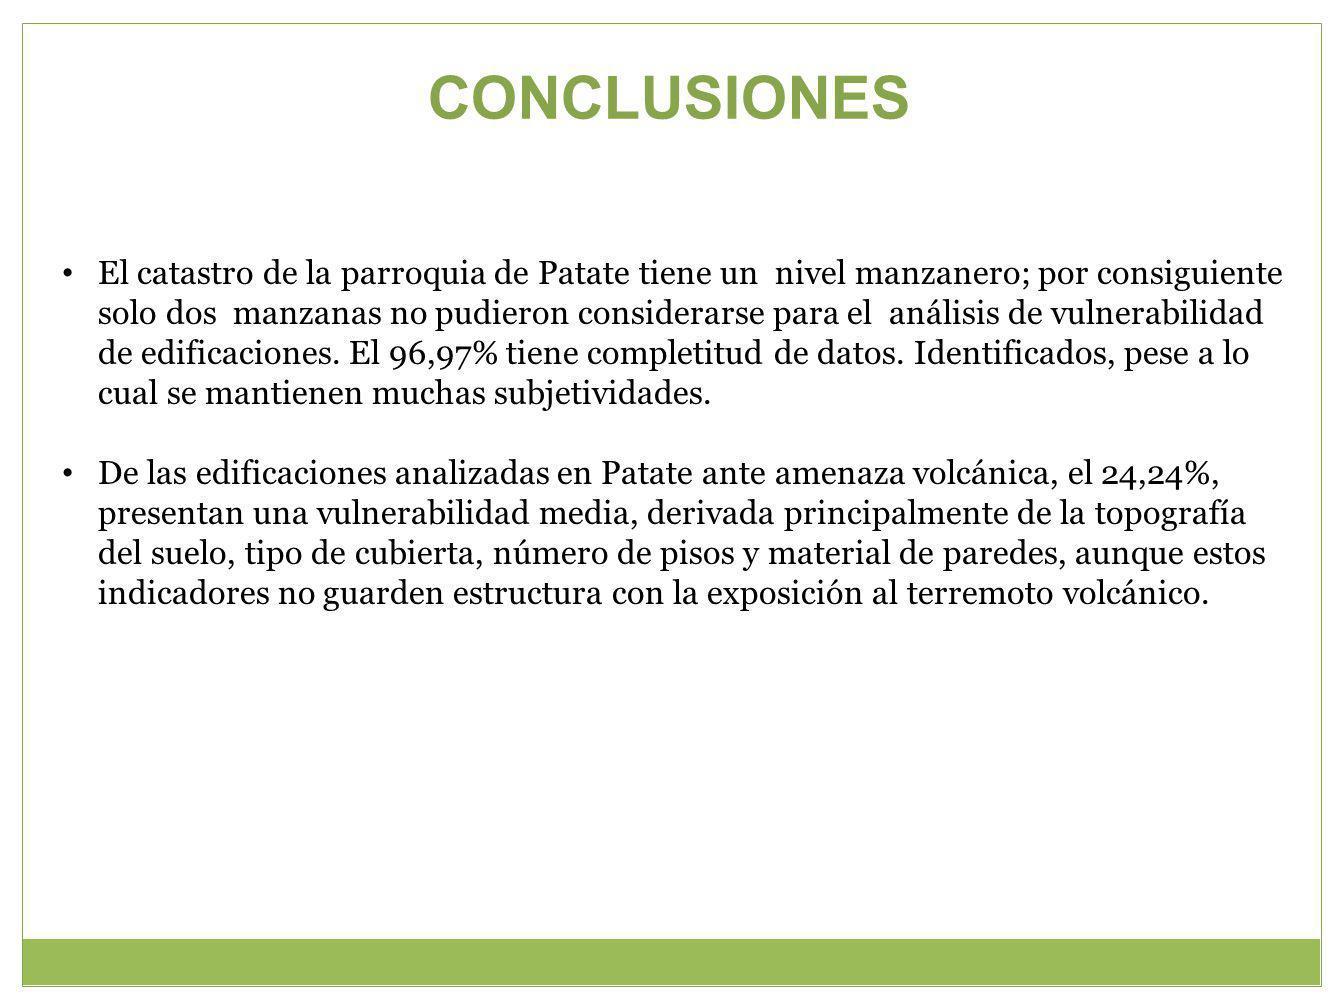 CONCLUSIONES El catastro de la parroquia de Patate tiene un nivel manzanero; por consiguiente solo dos manzanas no pudieron considerarse para el análisis de vulnerabilidad de edificaciones.